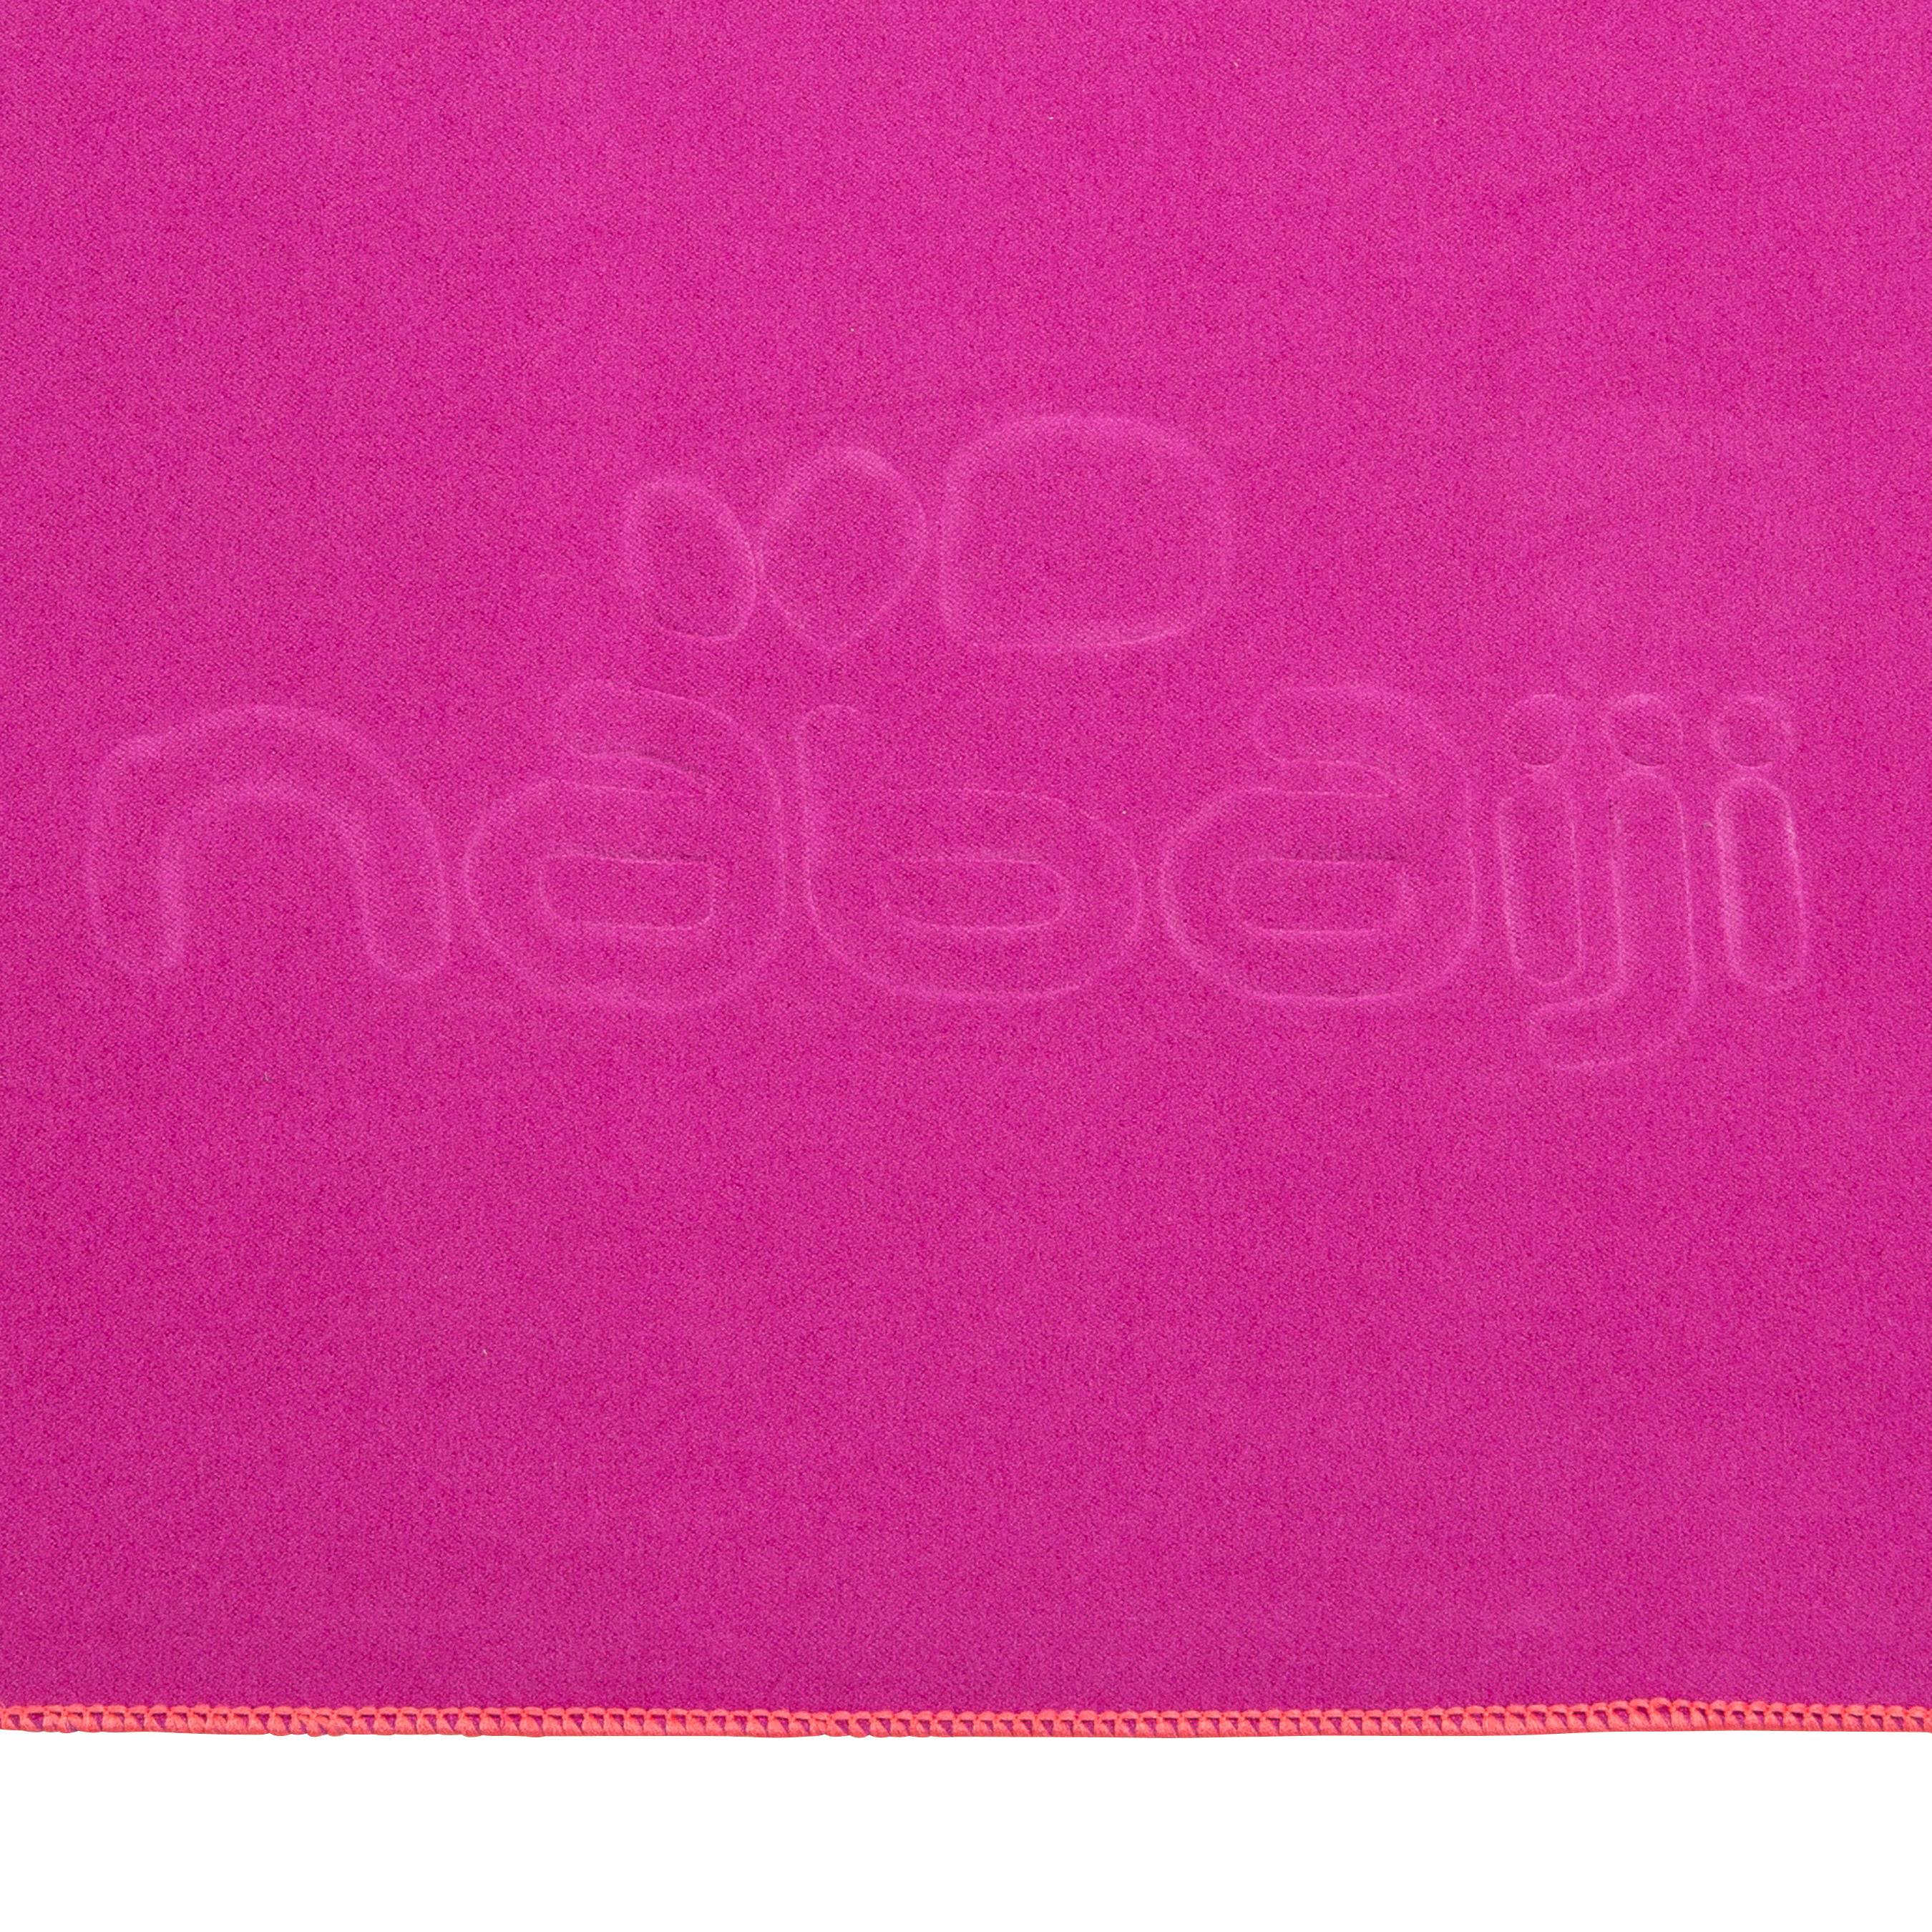 Ultra-Compact Microfibre Towel Size L 80 x 130 cm - Purple